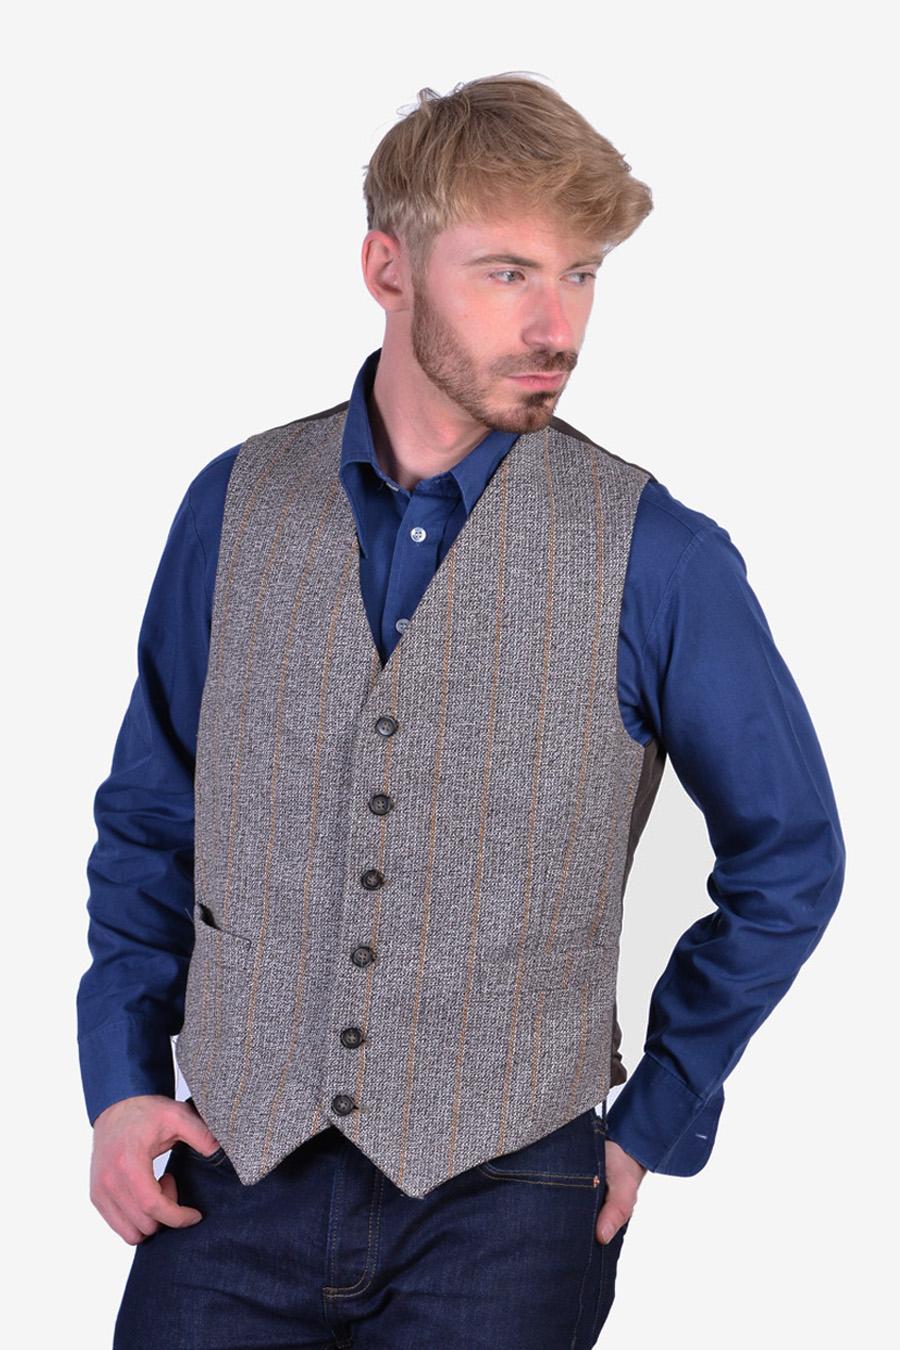 Vintage men's tweed waistcoat